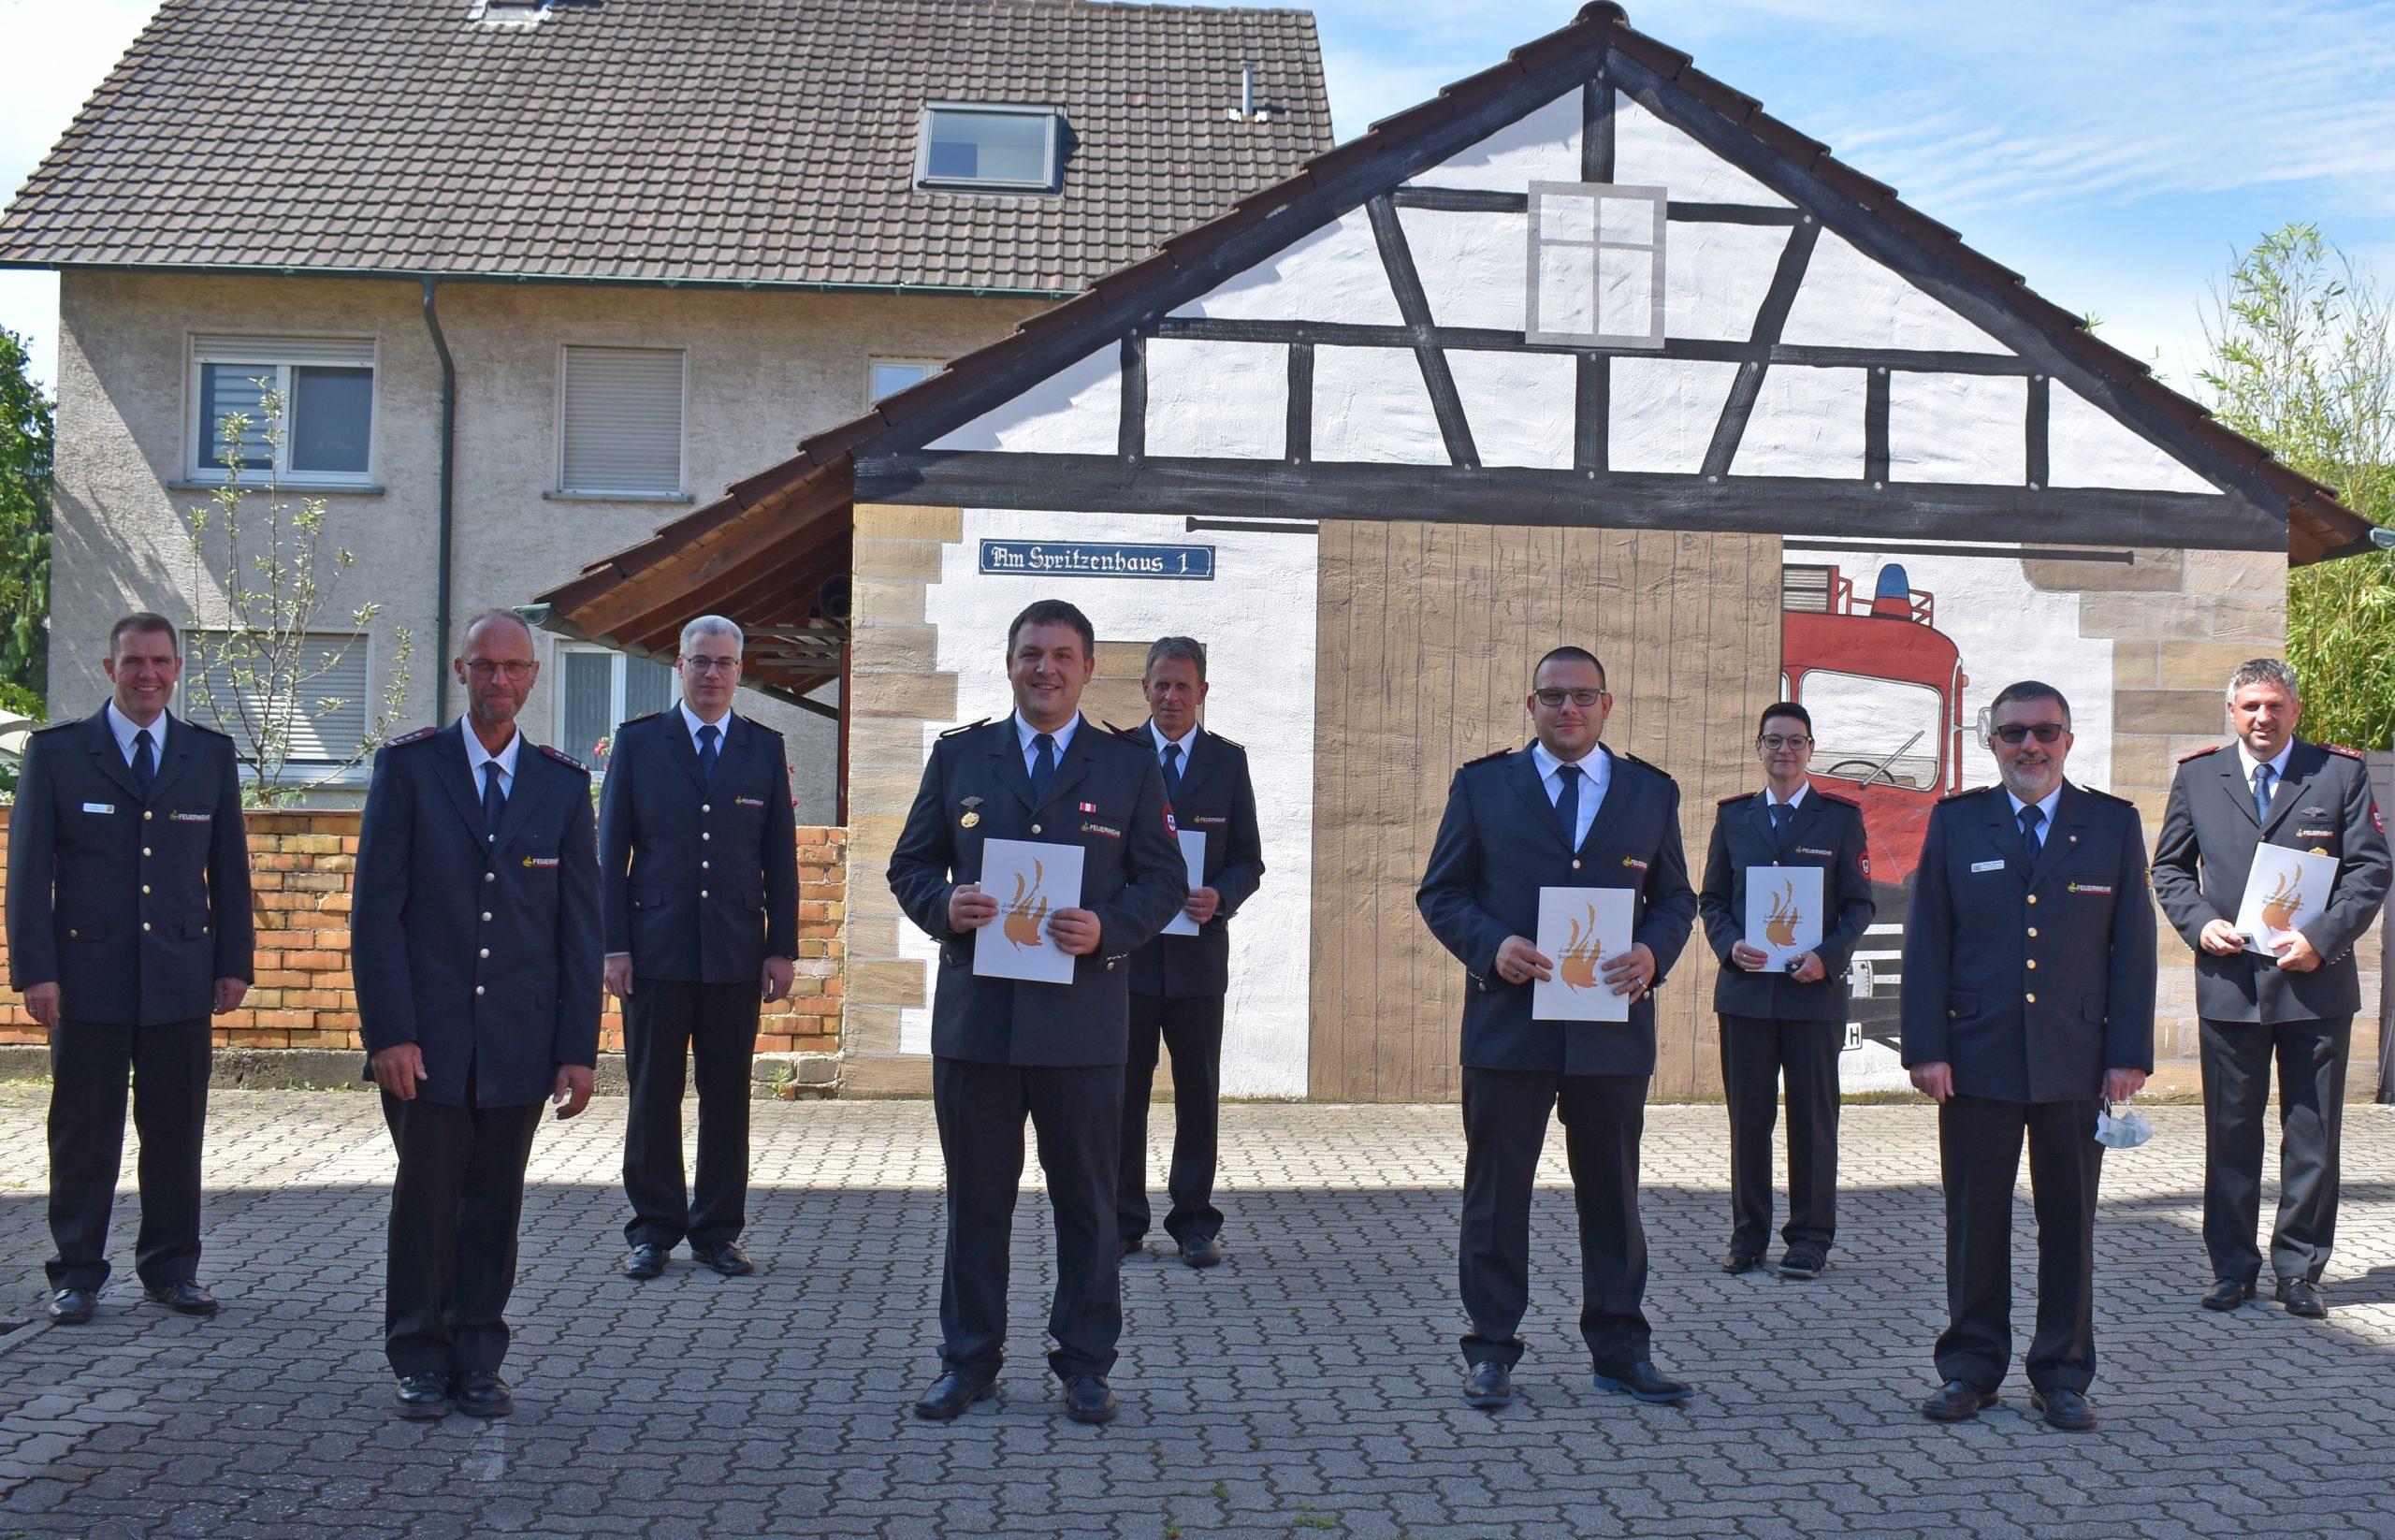 Verbandsversammlung 2021 Kreisjugendfeuerwehr Rastatt